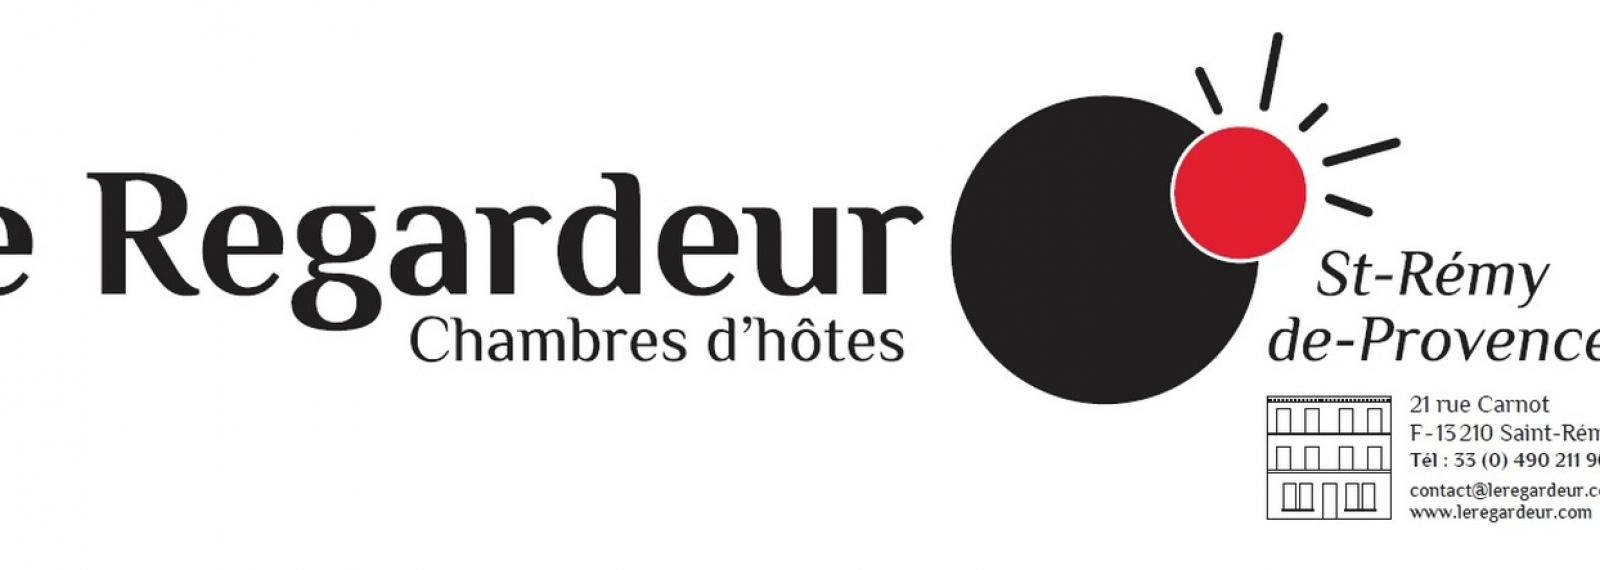 Chambres d'hôtes Le Regardeur à Saint-Rémy-de-Provence